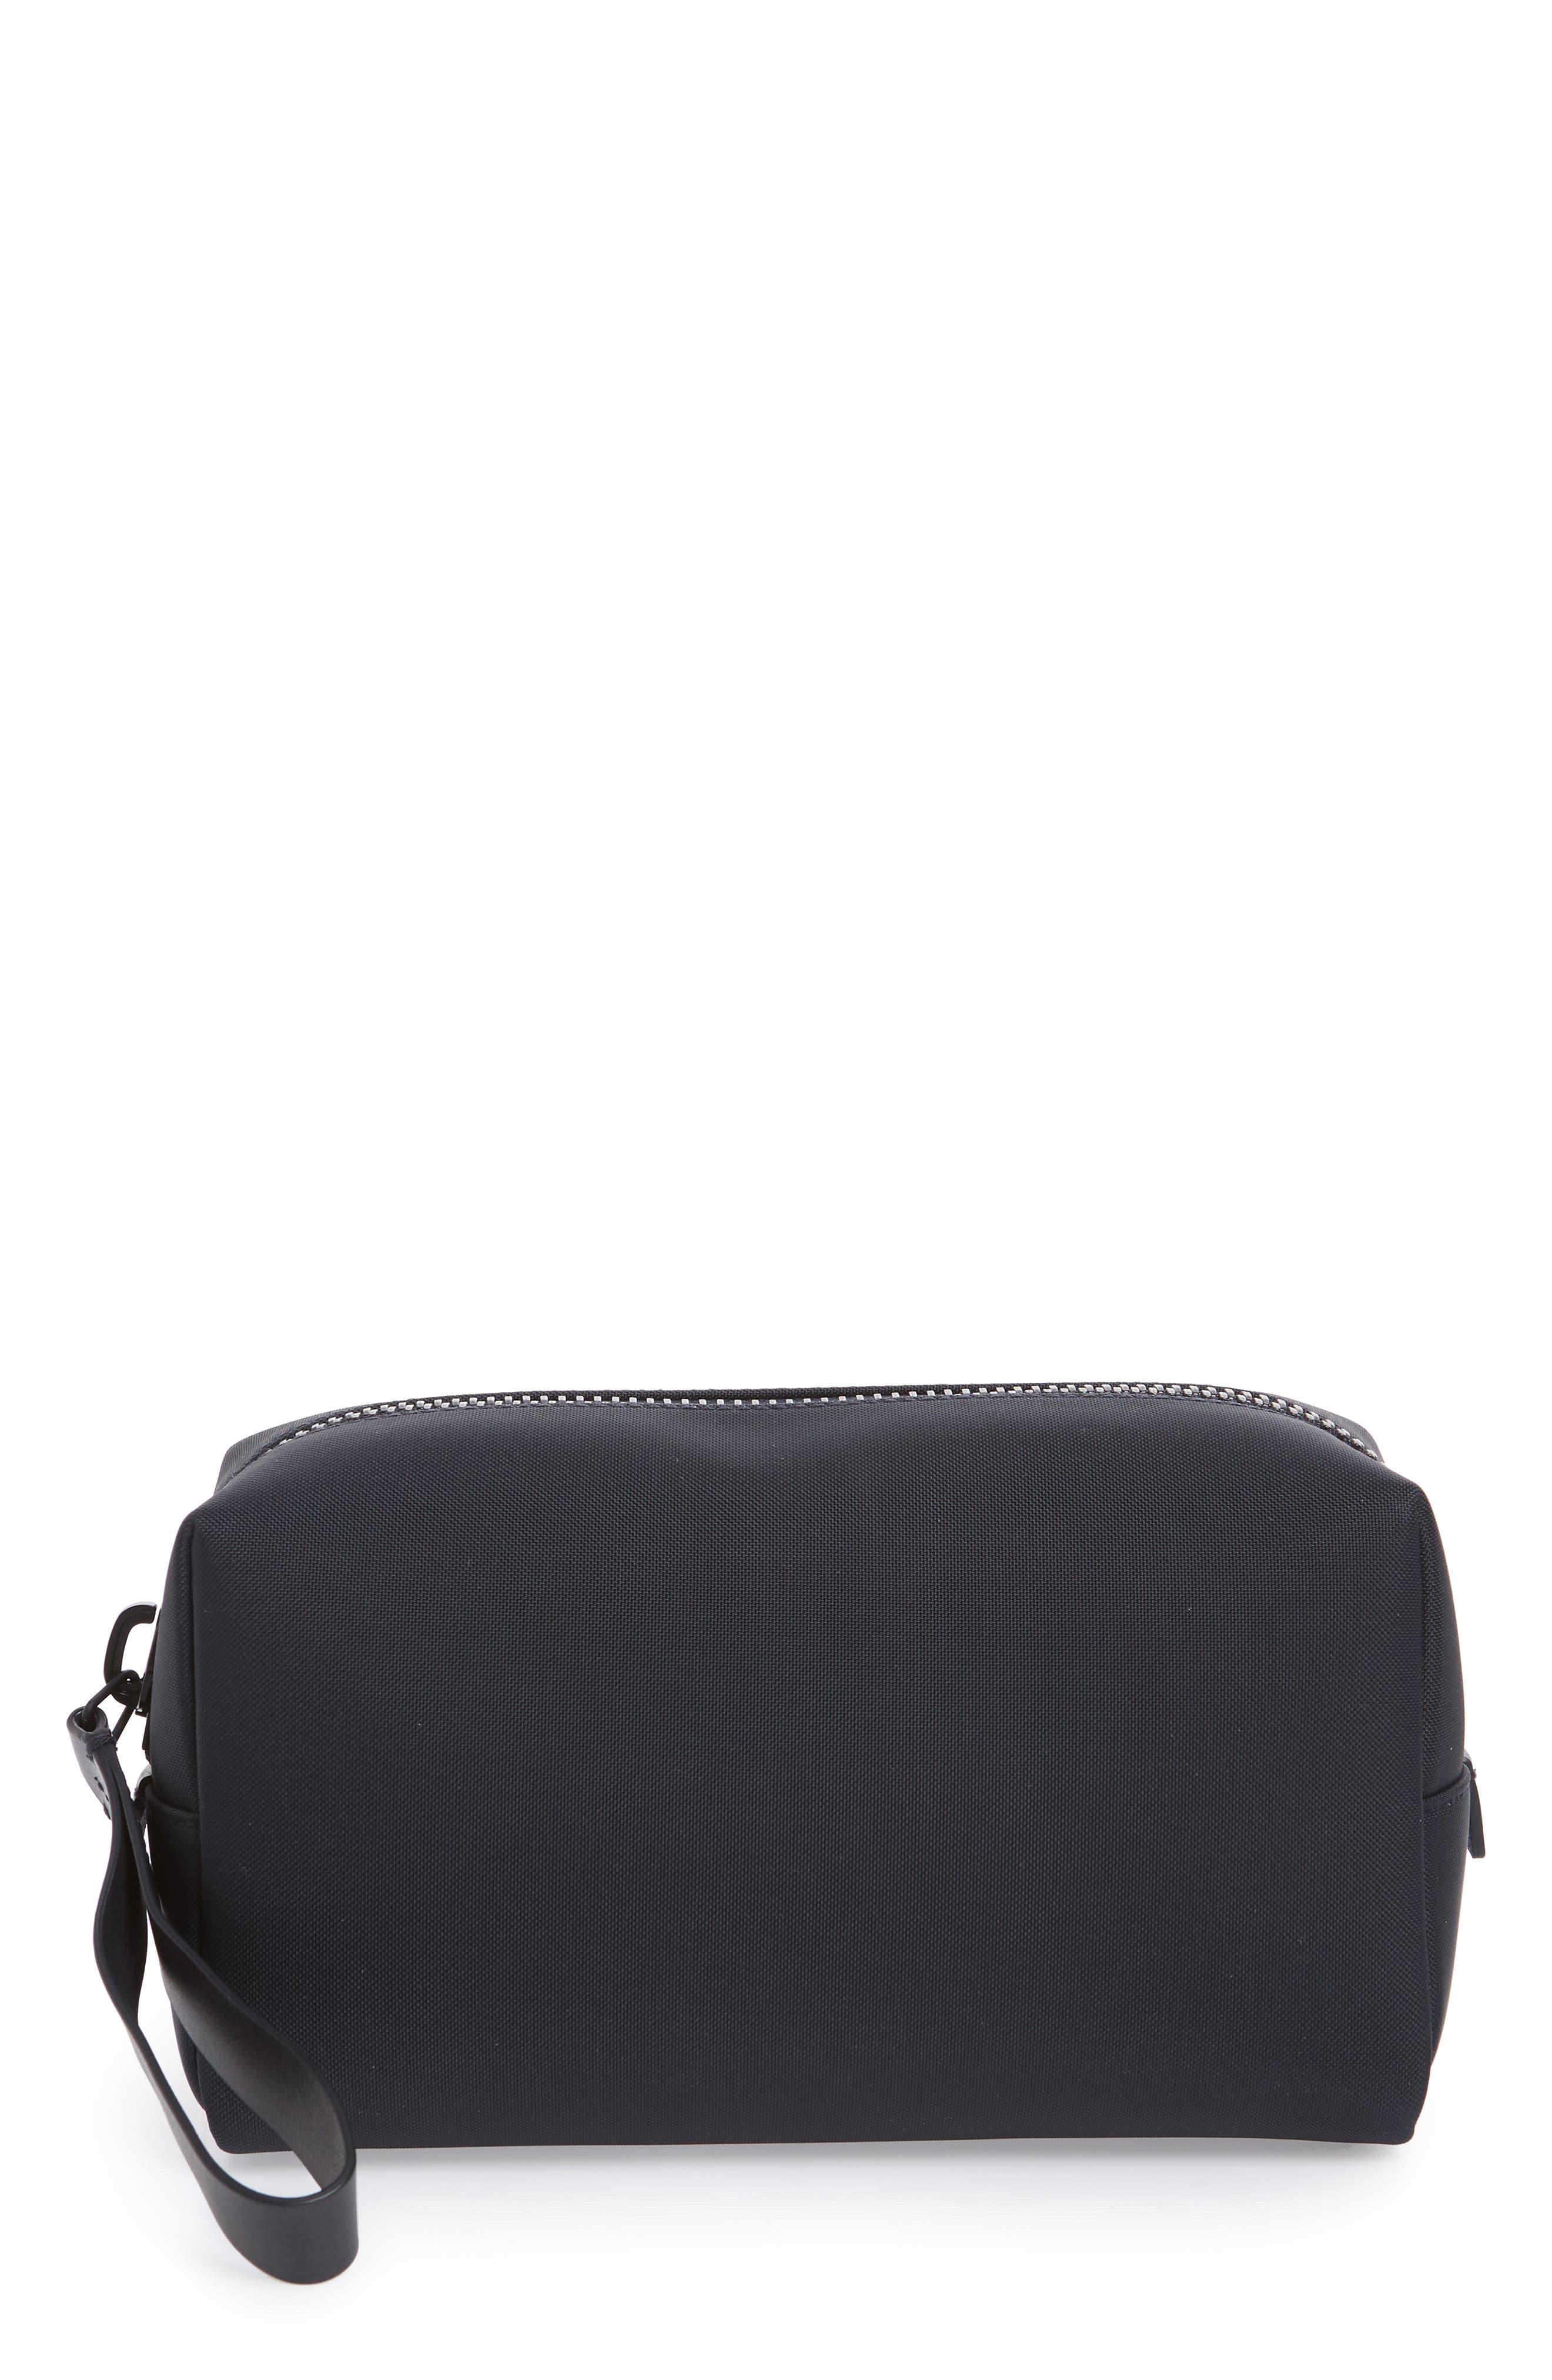 Nylon Dopp Kit,                         Main,                         color, Navy Nylon/ Navy Leather